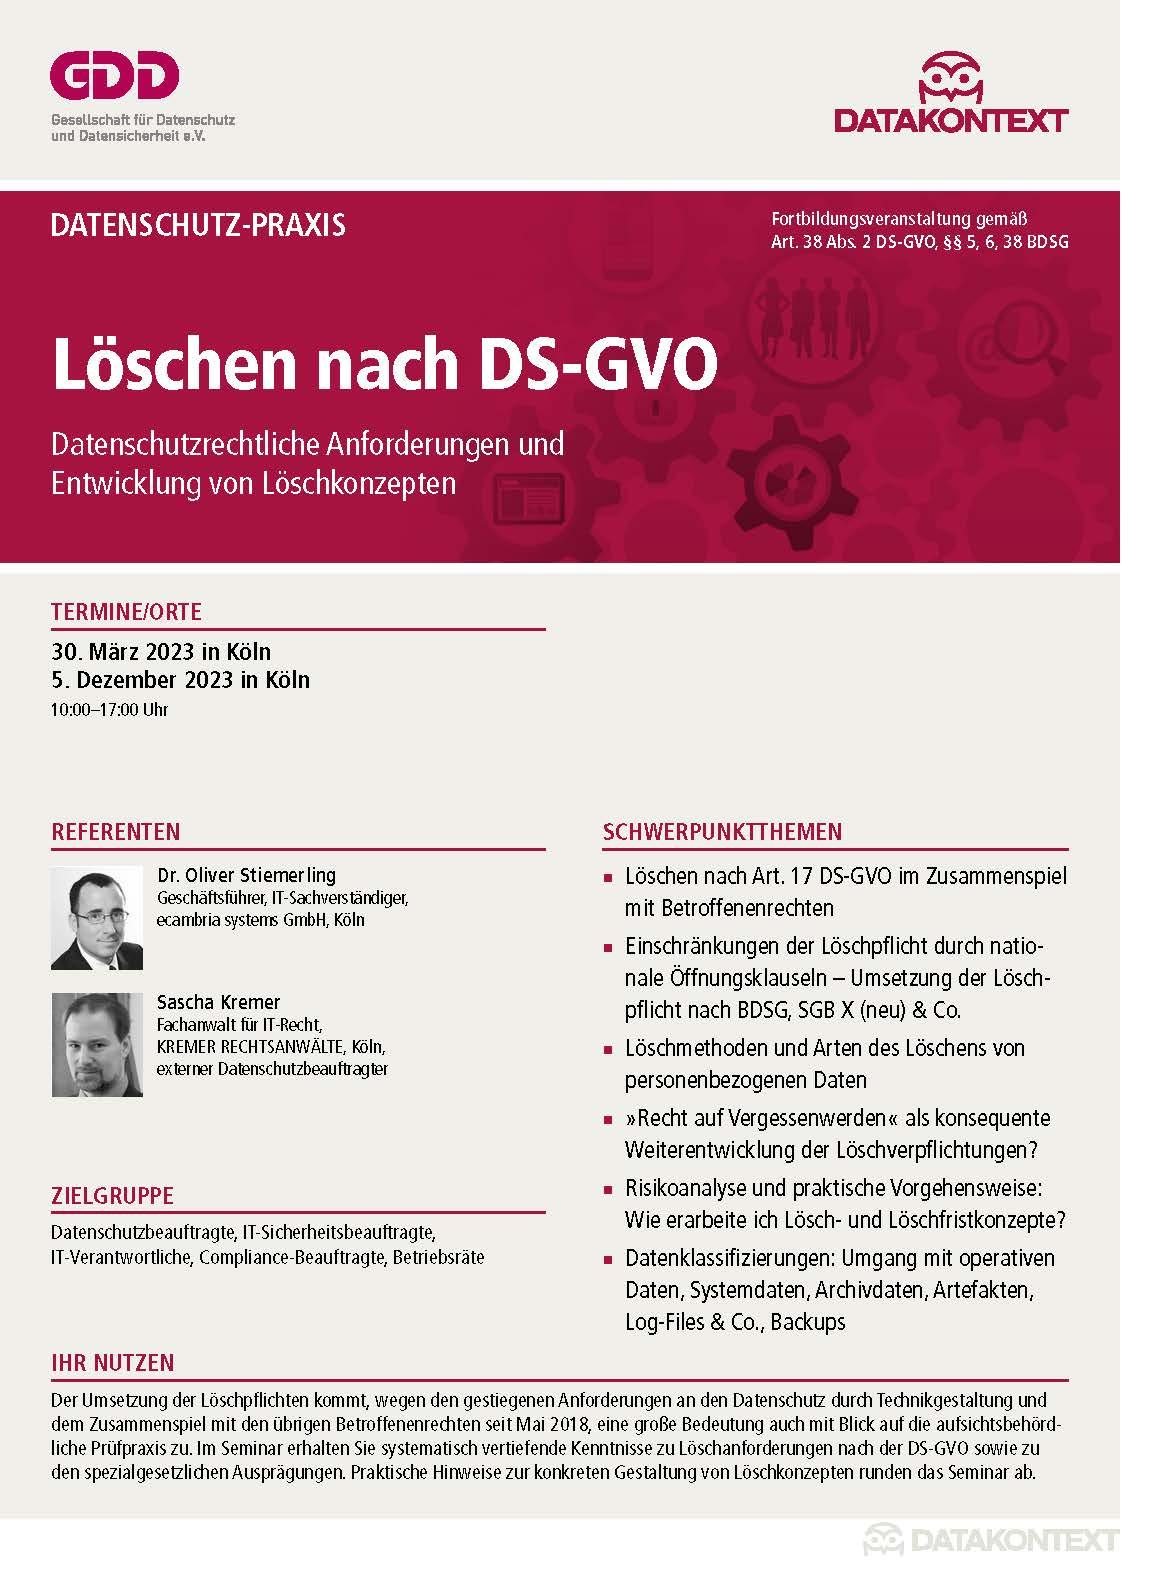 Löschen nach DS-GVO